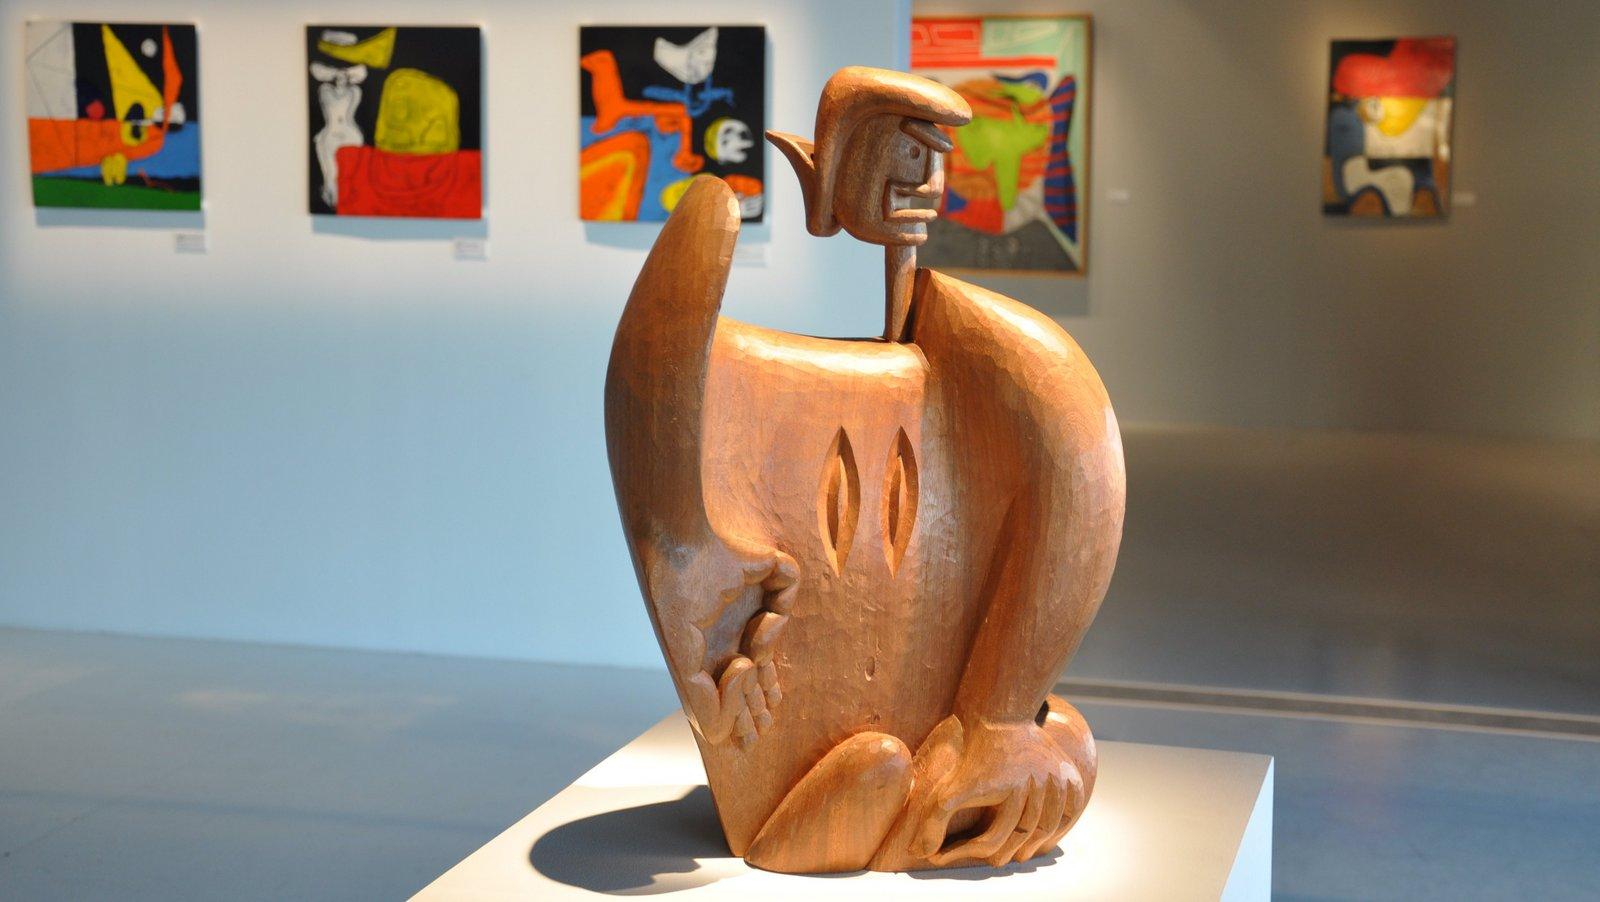 Escultura y pinturas de Le Corbusier expuestas en la J1 de Marsella